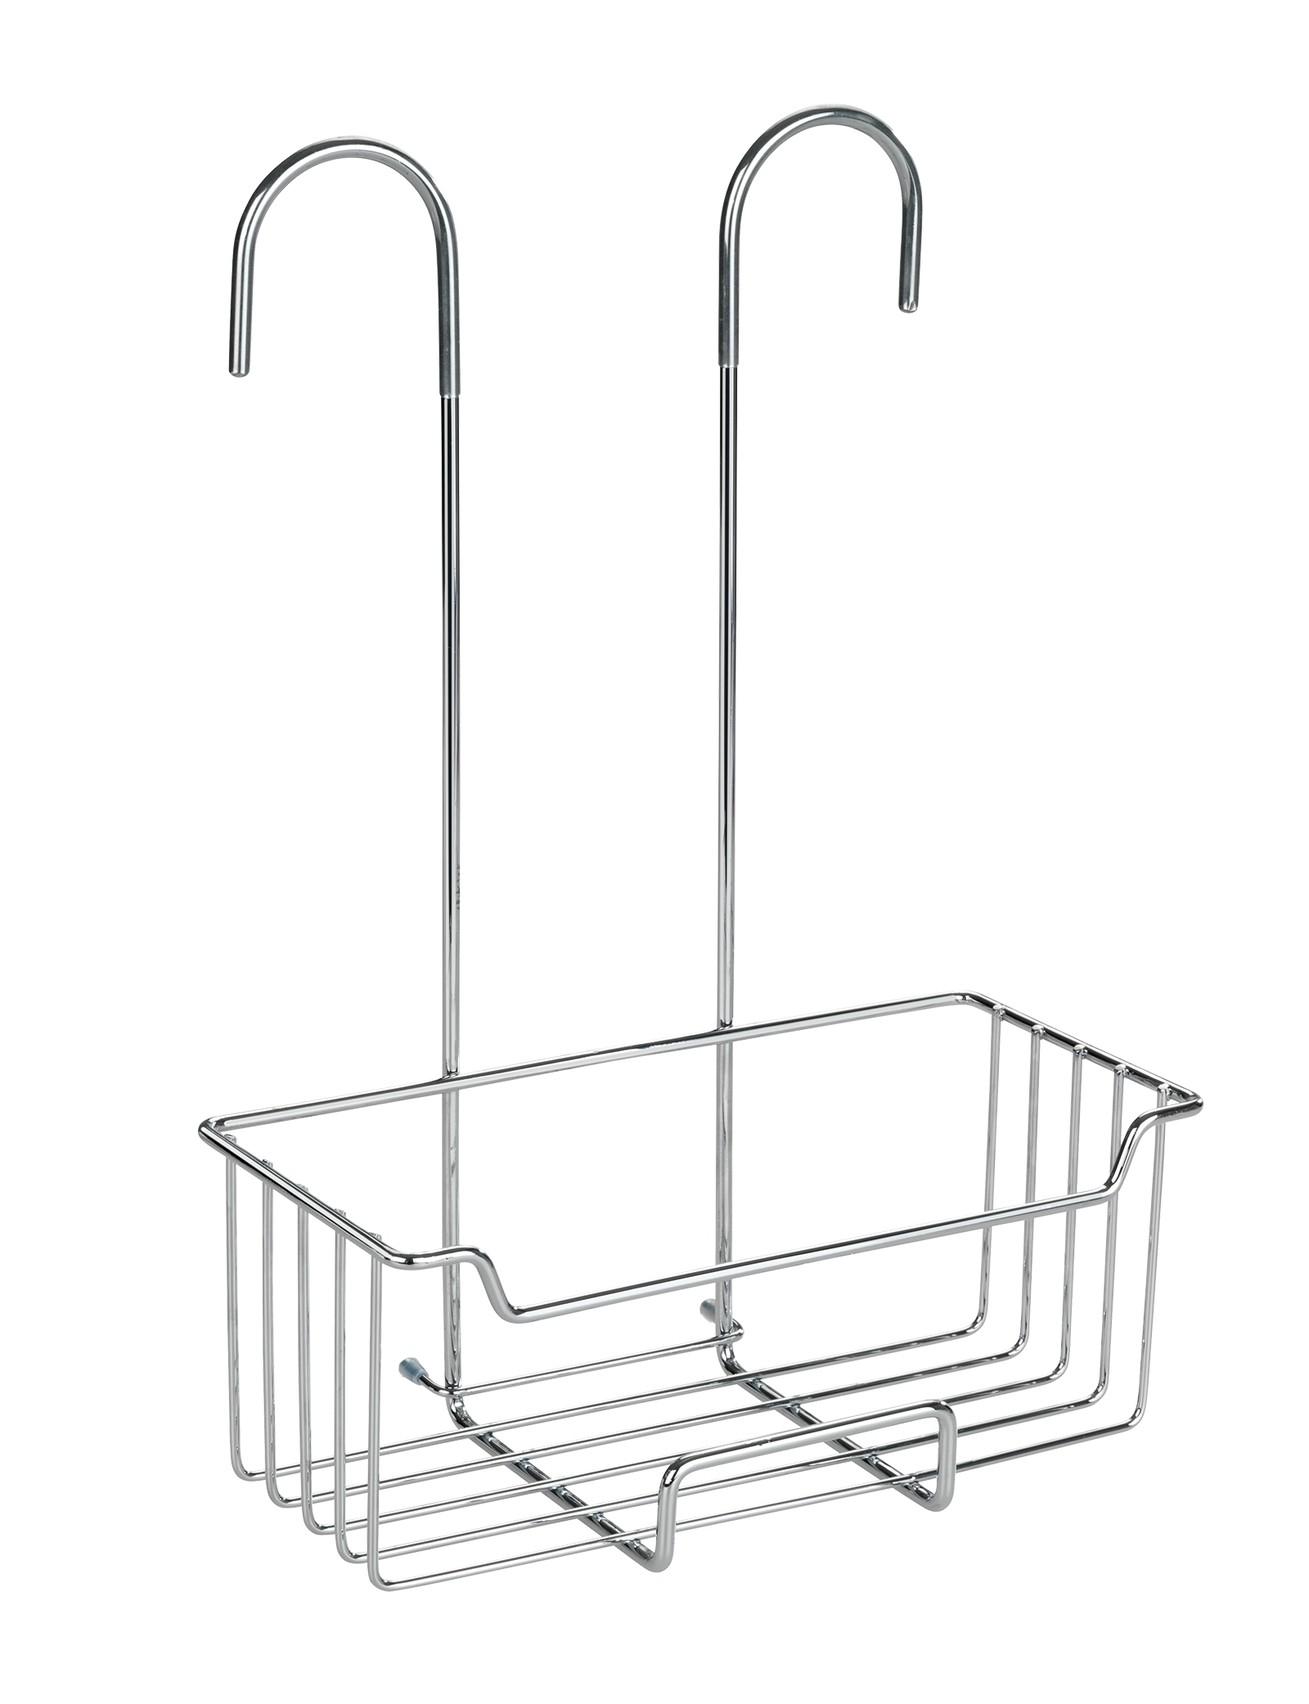 thermostat dusch caddy milo edelstahl rostfrei von wenko jetzt kaufen bei wc. Black Bedroom Furniture Sets. Home Design Ideas